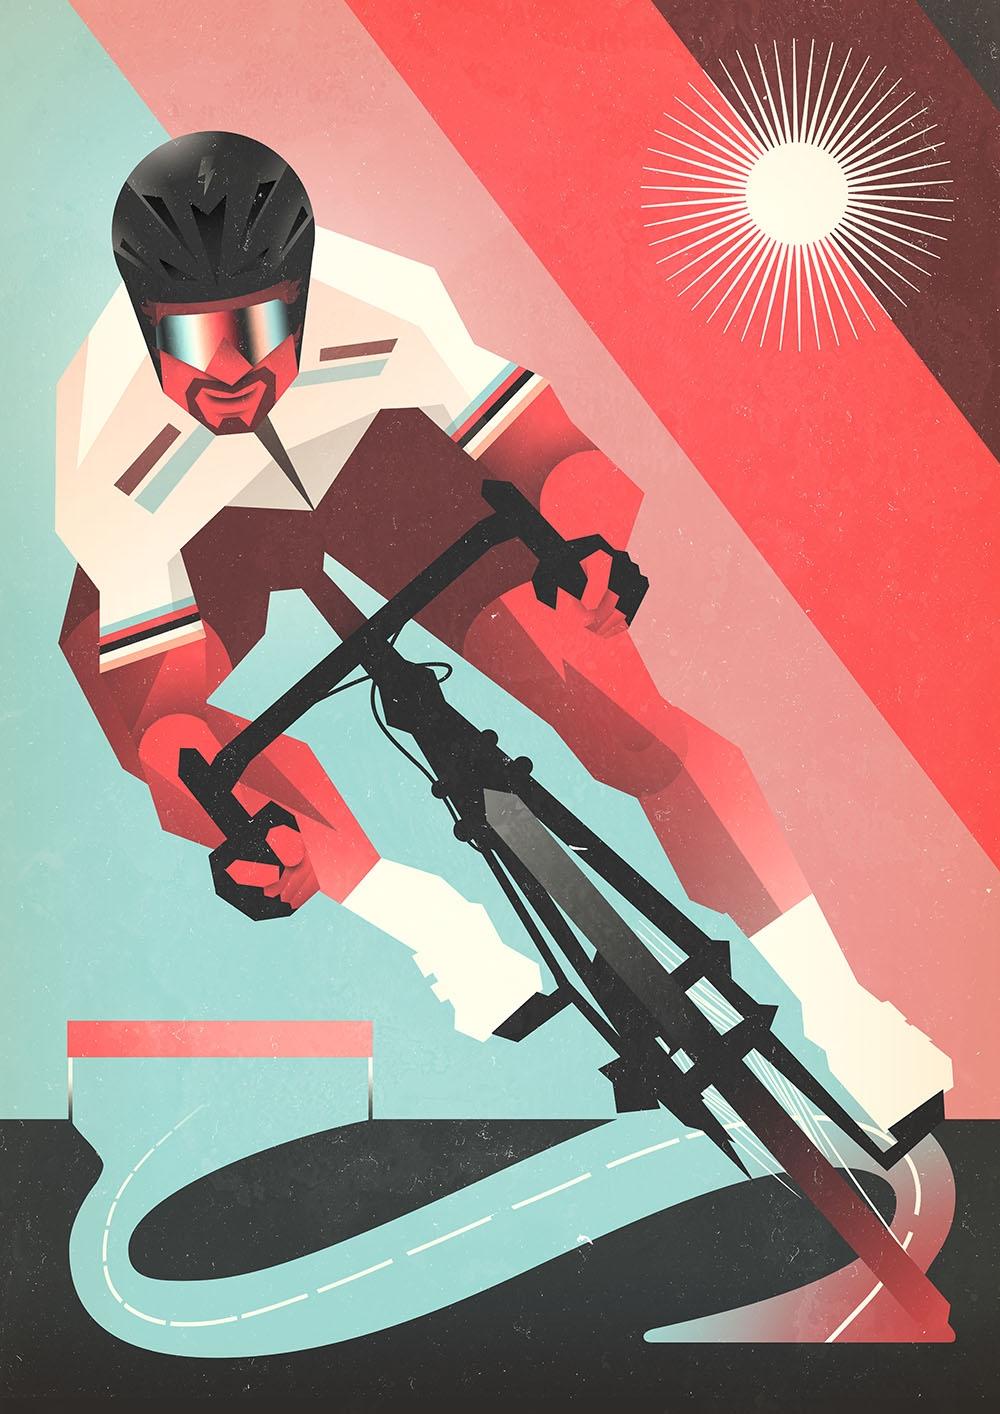 Peter Sagan na plakátu ilustrátora Lukáše Tomka. Foto: archiv Tomski&Polanski